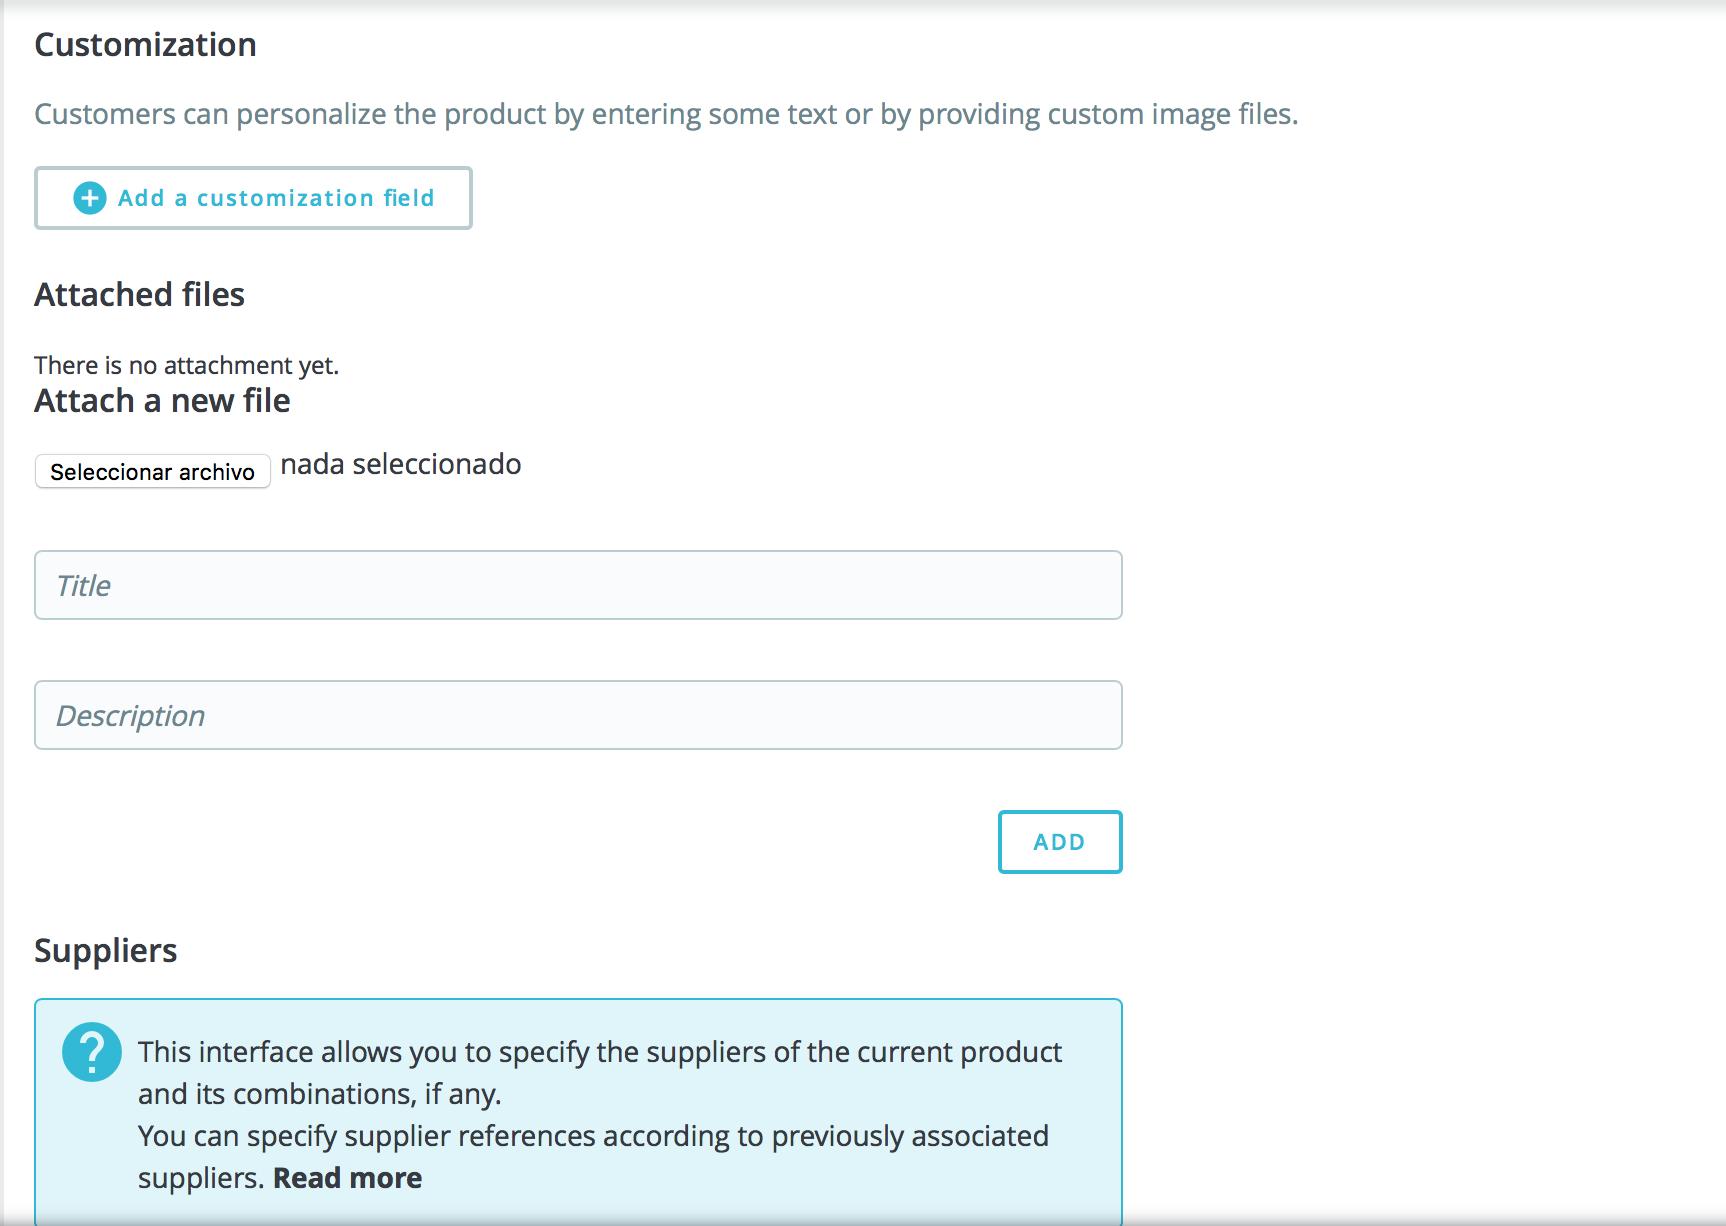 configura visibilidad, etiquetas, referencias, personalización del producto, archivos adjuntos y proveedores